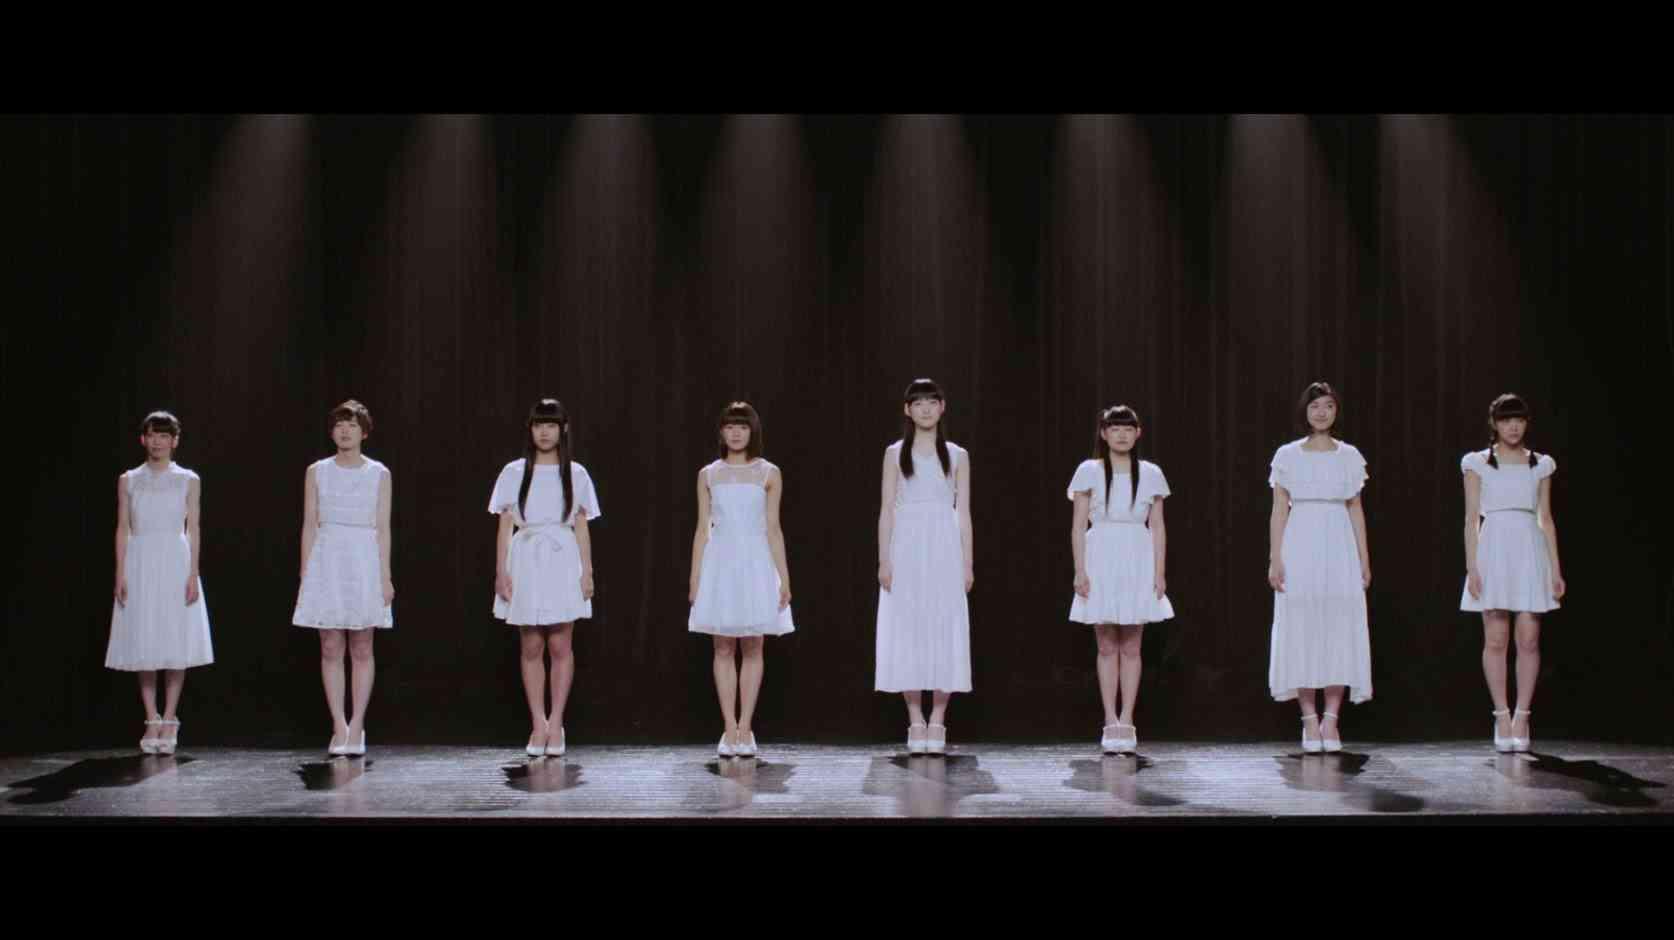 私立恵比寿中学 『まっすぐ』 - YouTube